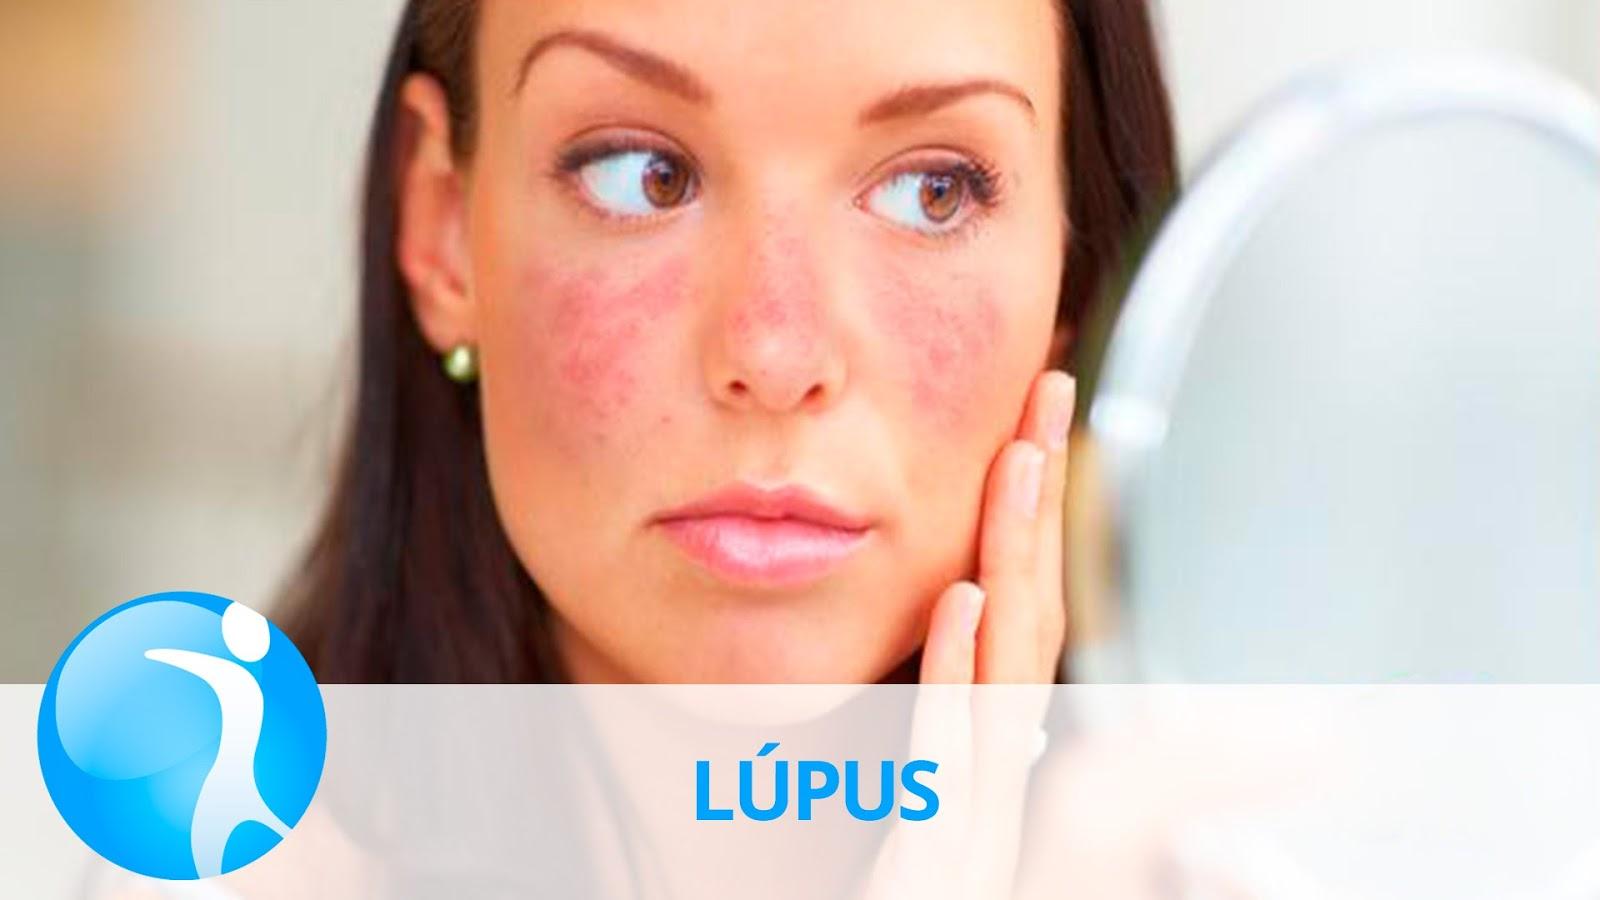 Penyebab-Penyakit-Lupus-dan-Pengobatannya